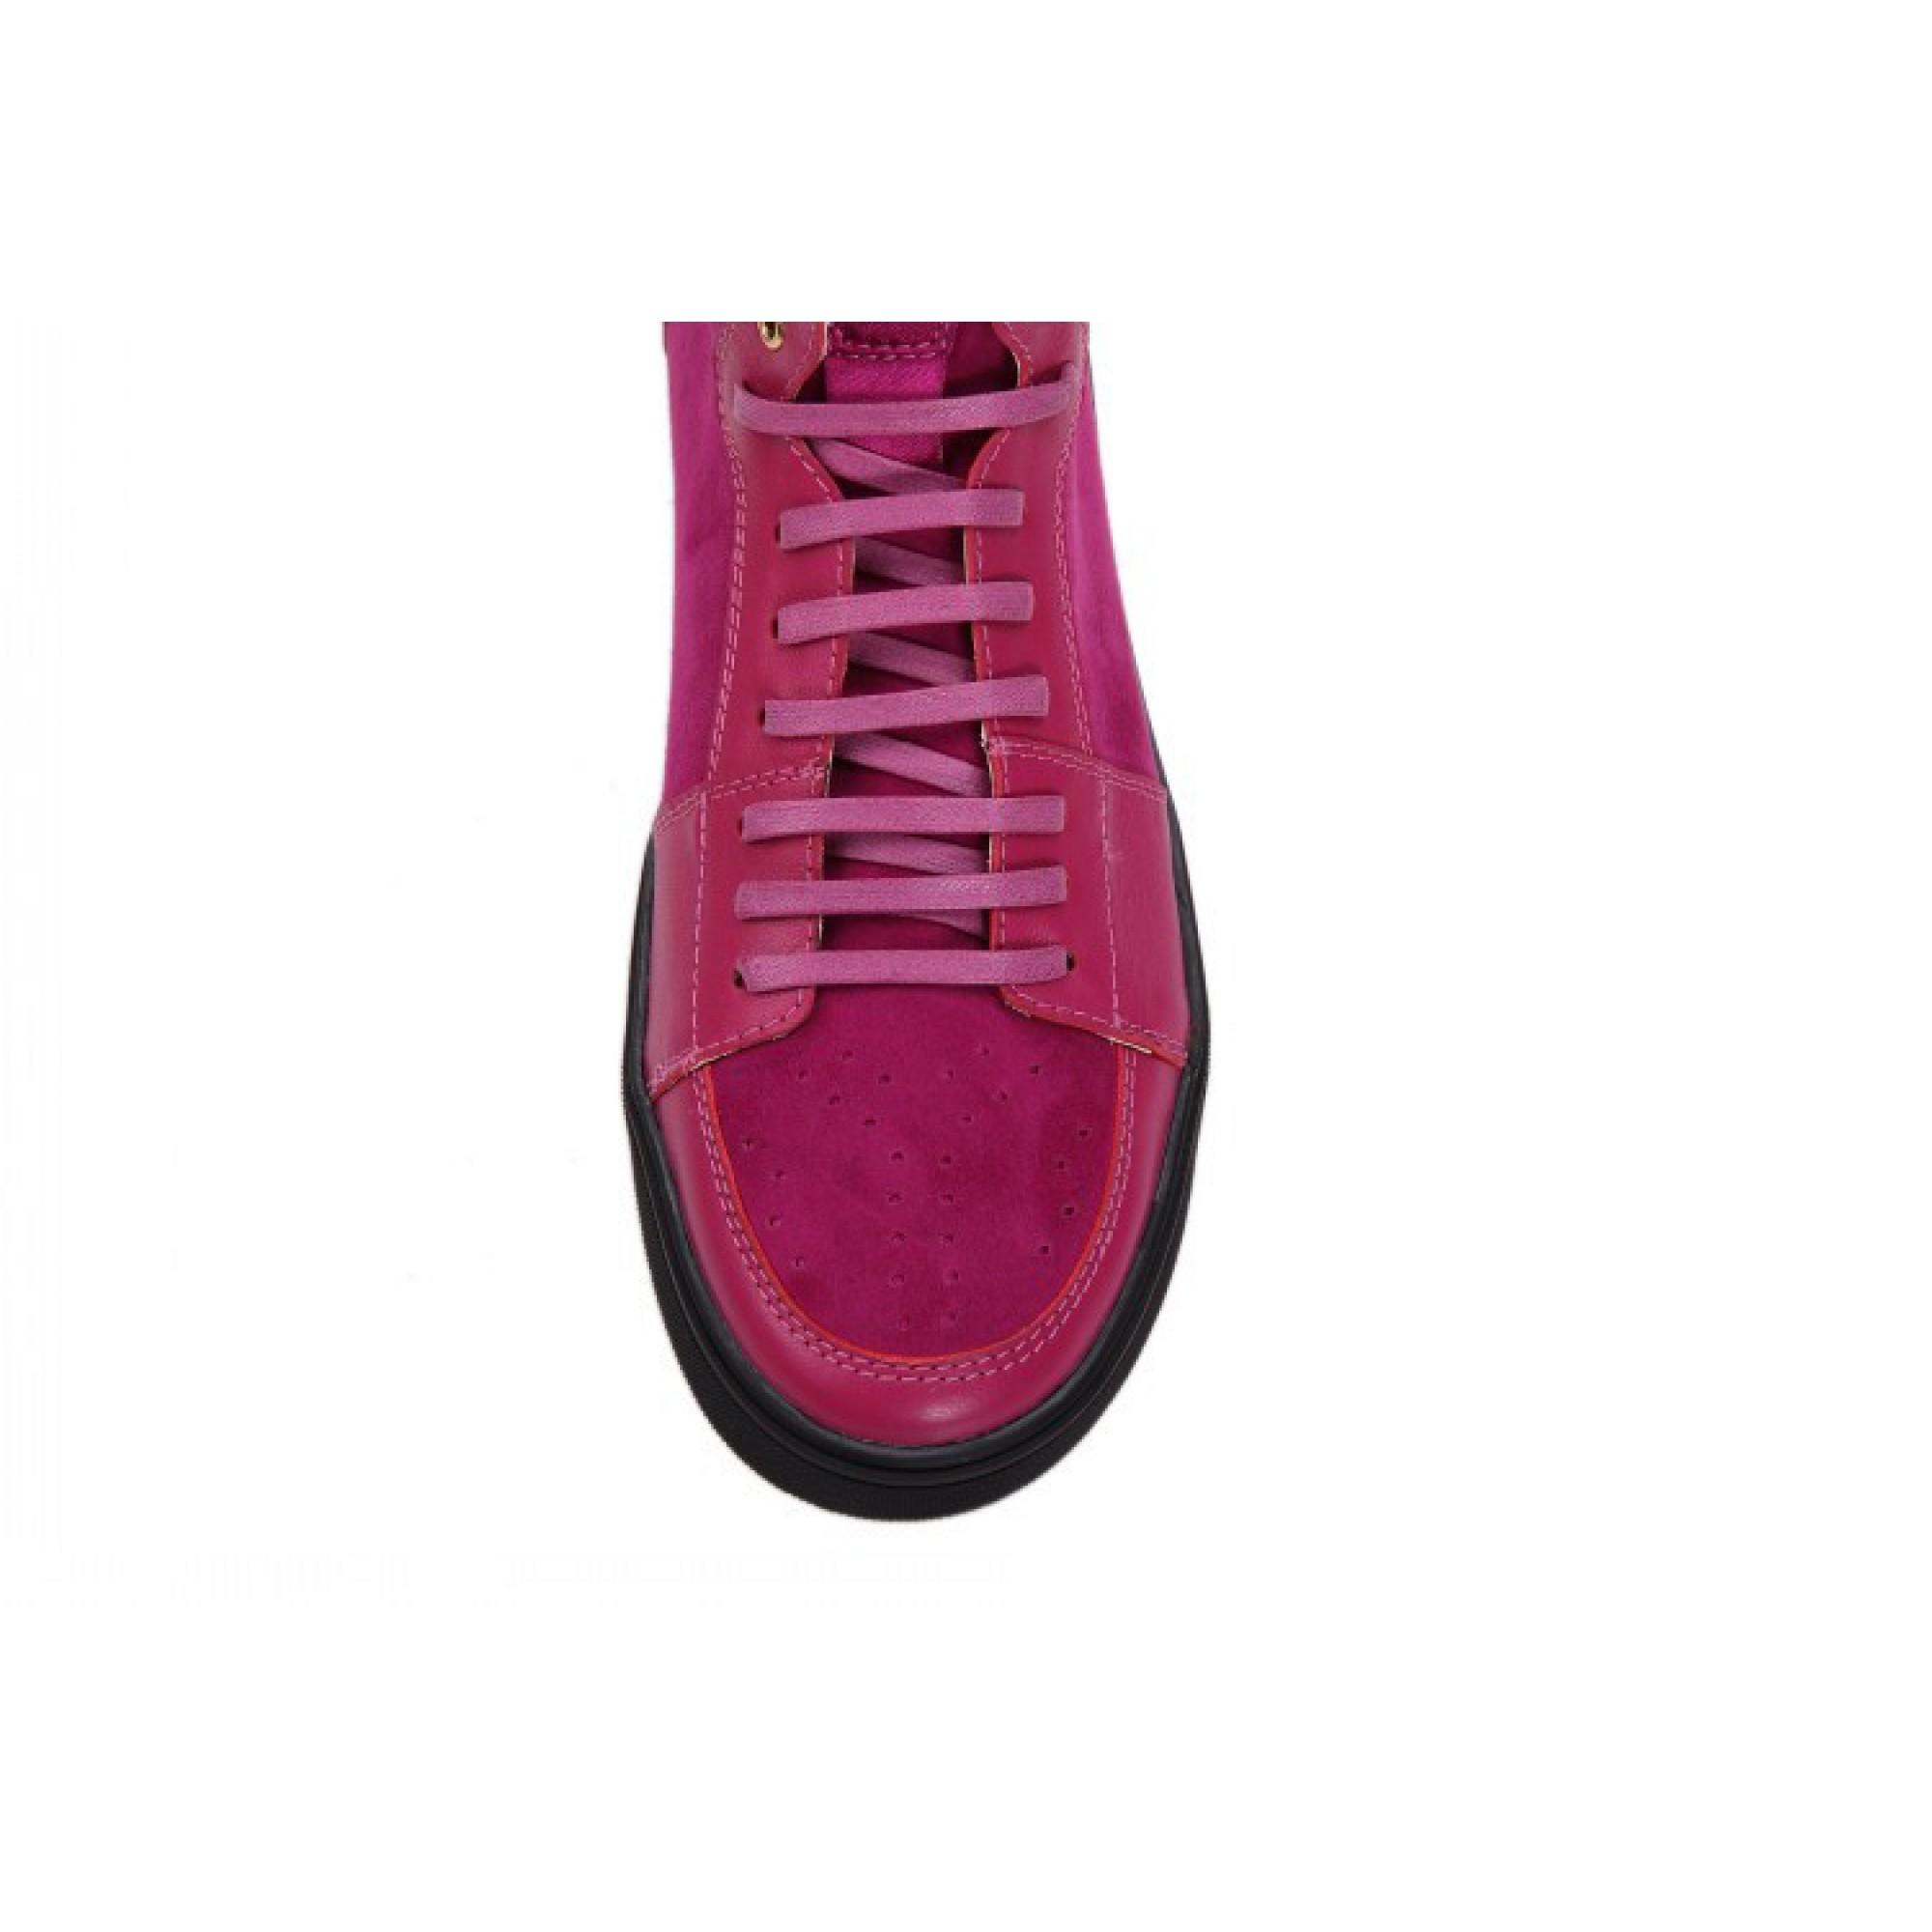 Купить розовые кроссовки YSL — в Киеве, код товара 8566 14917bfede0